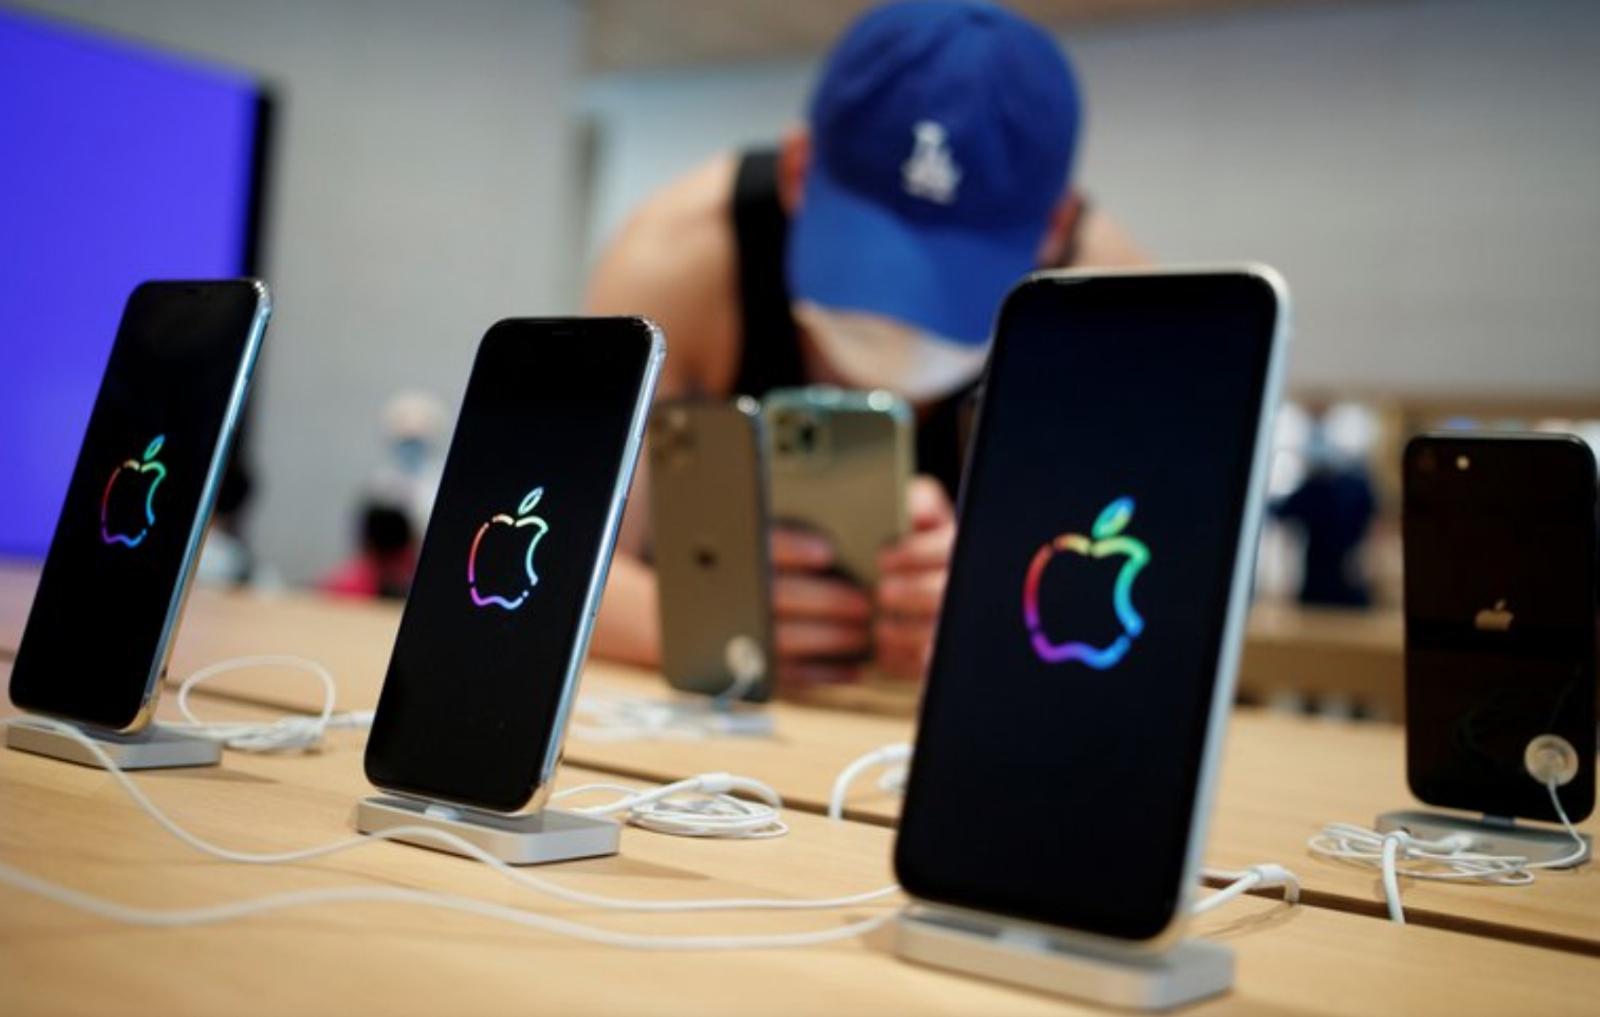 Ultramoderno, muy sofisticado, pero sin cargador: burlas a iPhone 12